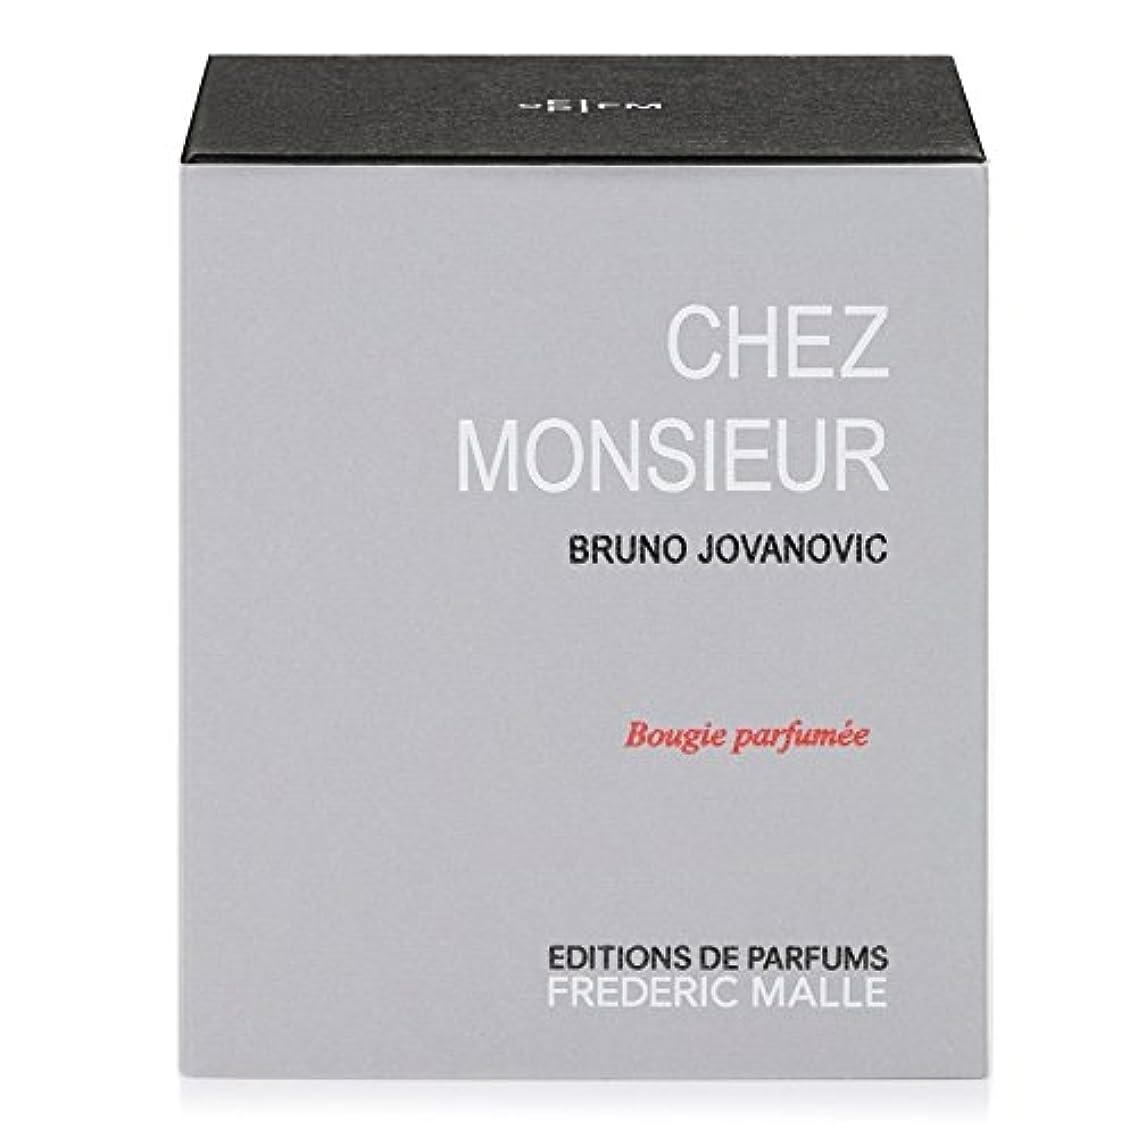 マスク未満礼拝Frederic Malle Chez Monsieur Scented Candle 220g (Pack of 4) - フレデリック?マルシェムッシュ香りのキャンドル220グラム x4 [並行輸入品]